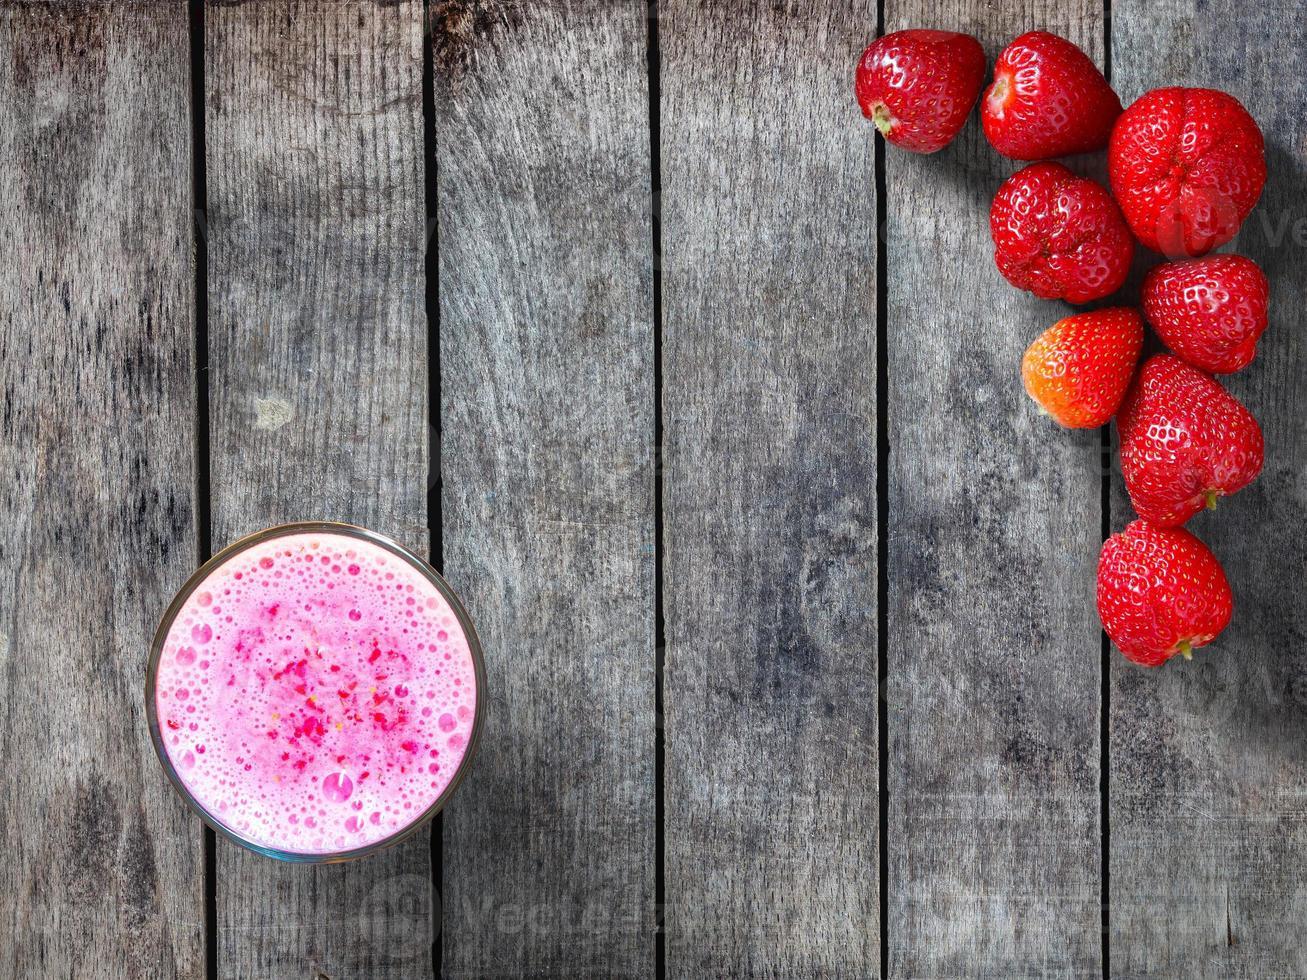 jordgubbar och smoothie foto